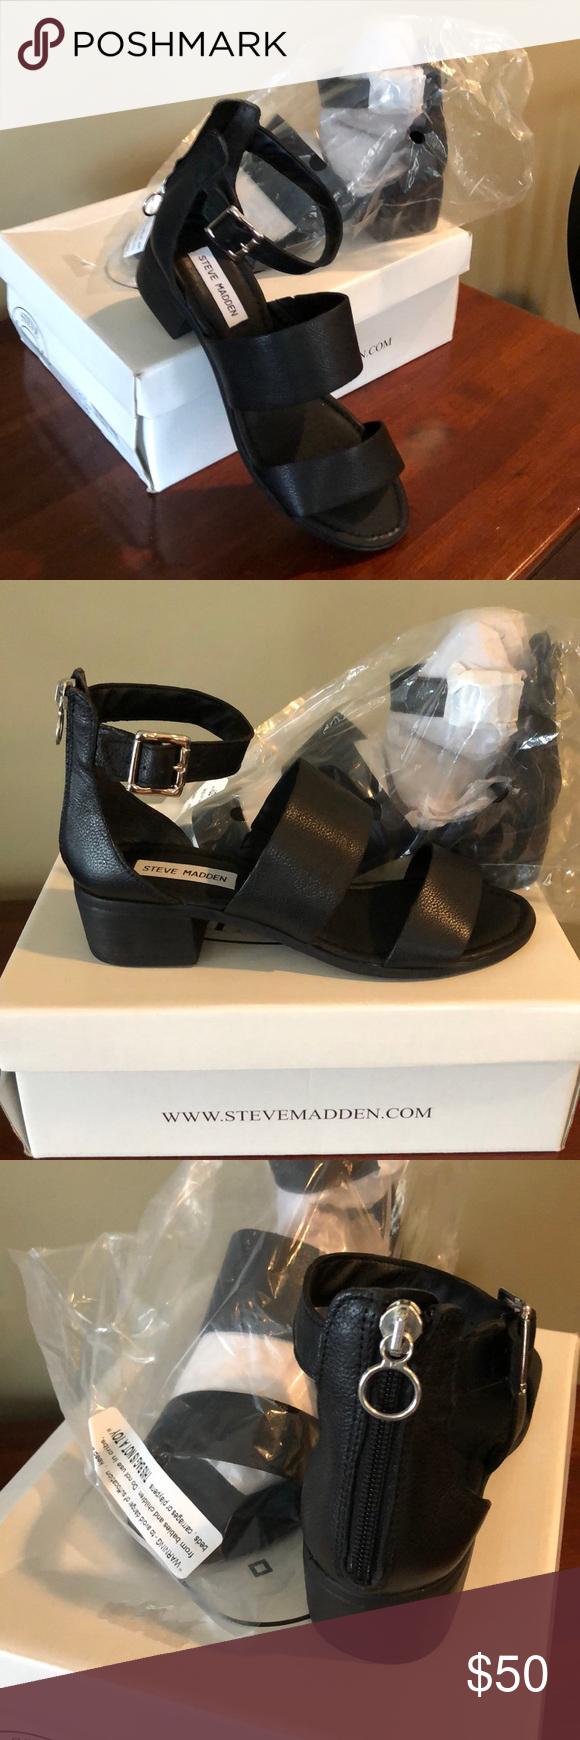 b907f196b00 Steve Madden women's Daly Dress Sandal Size: 8 in 2019   Poshmark ...